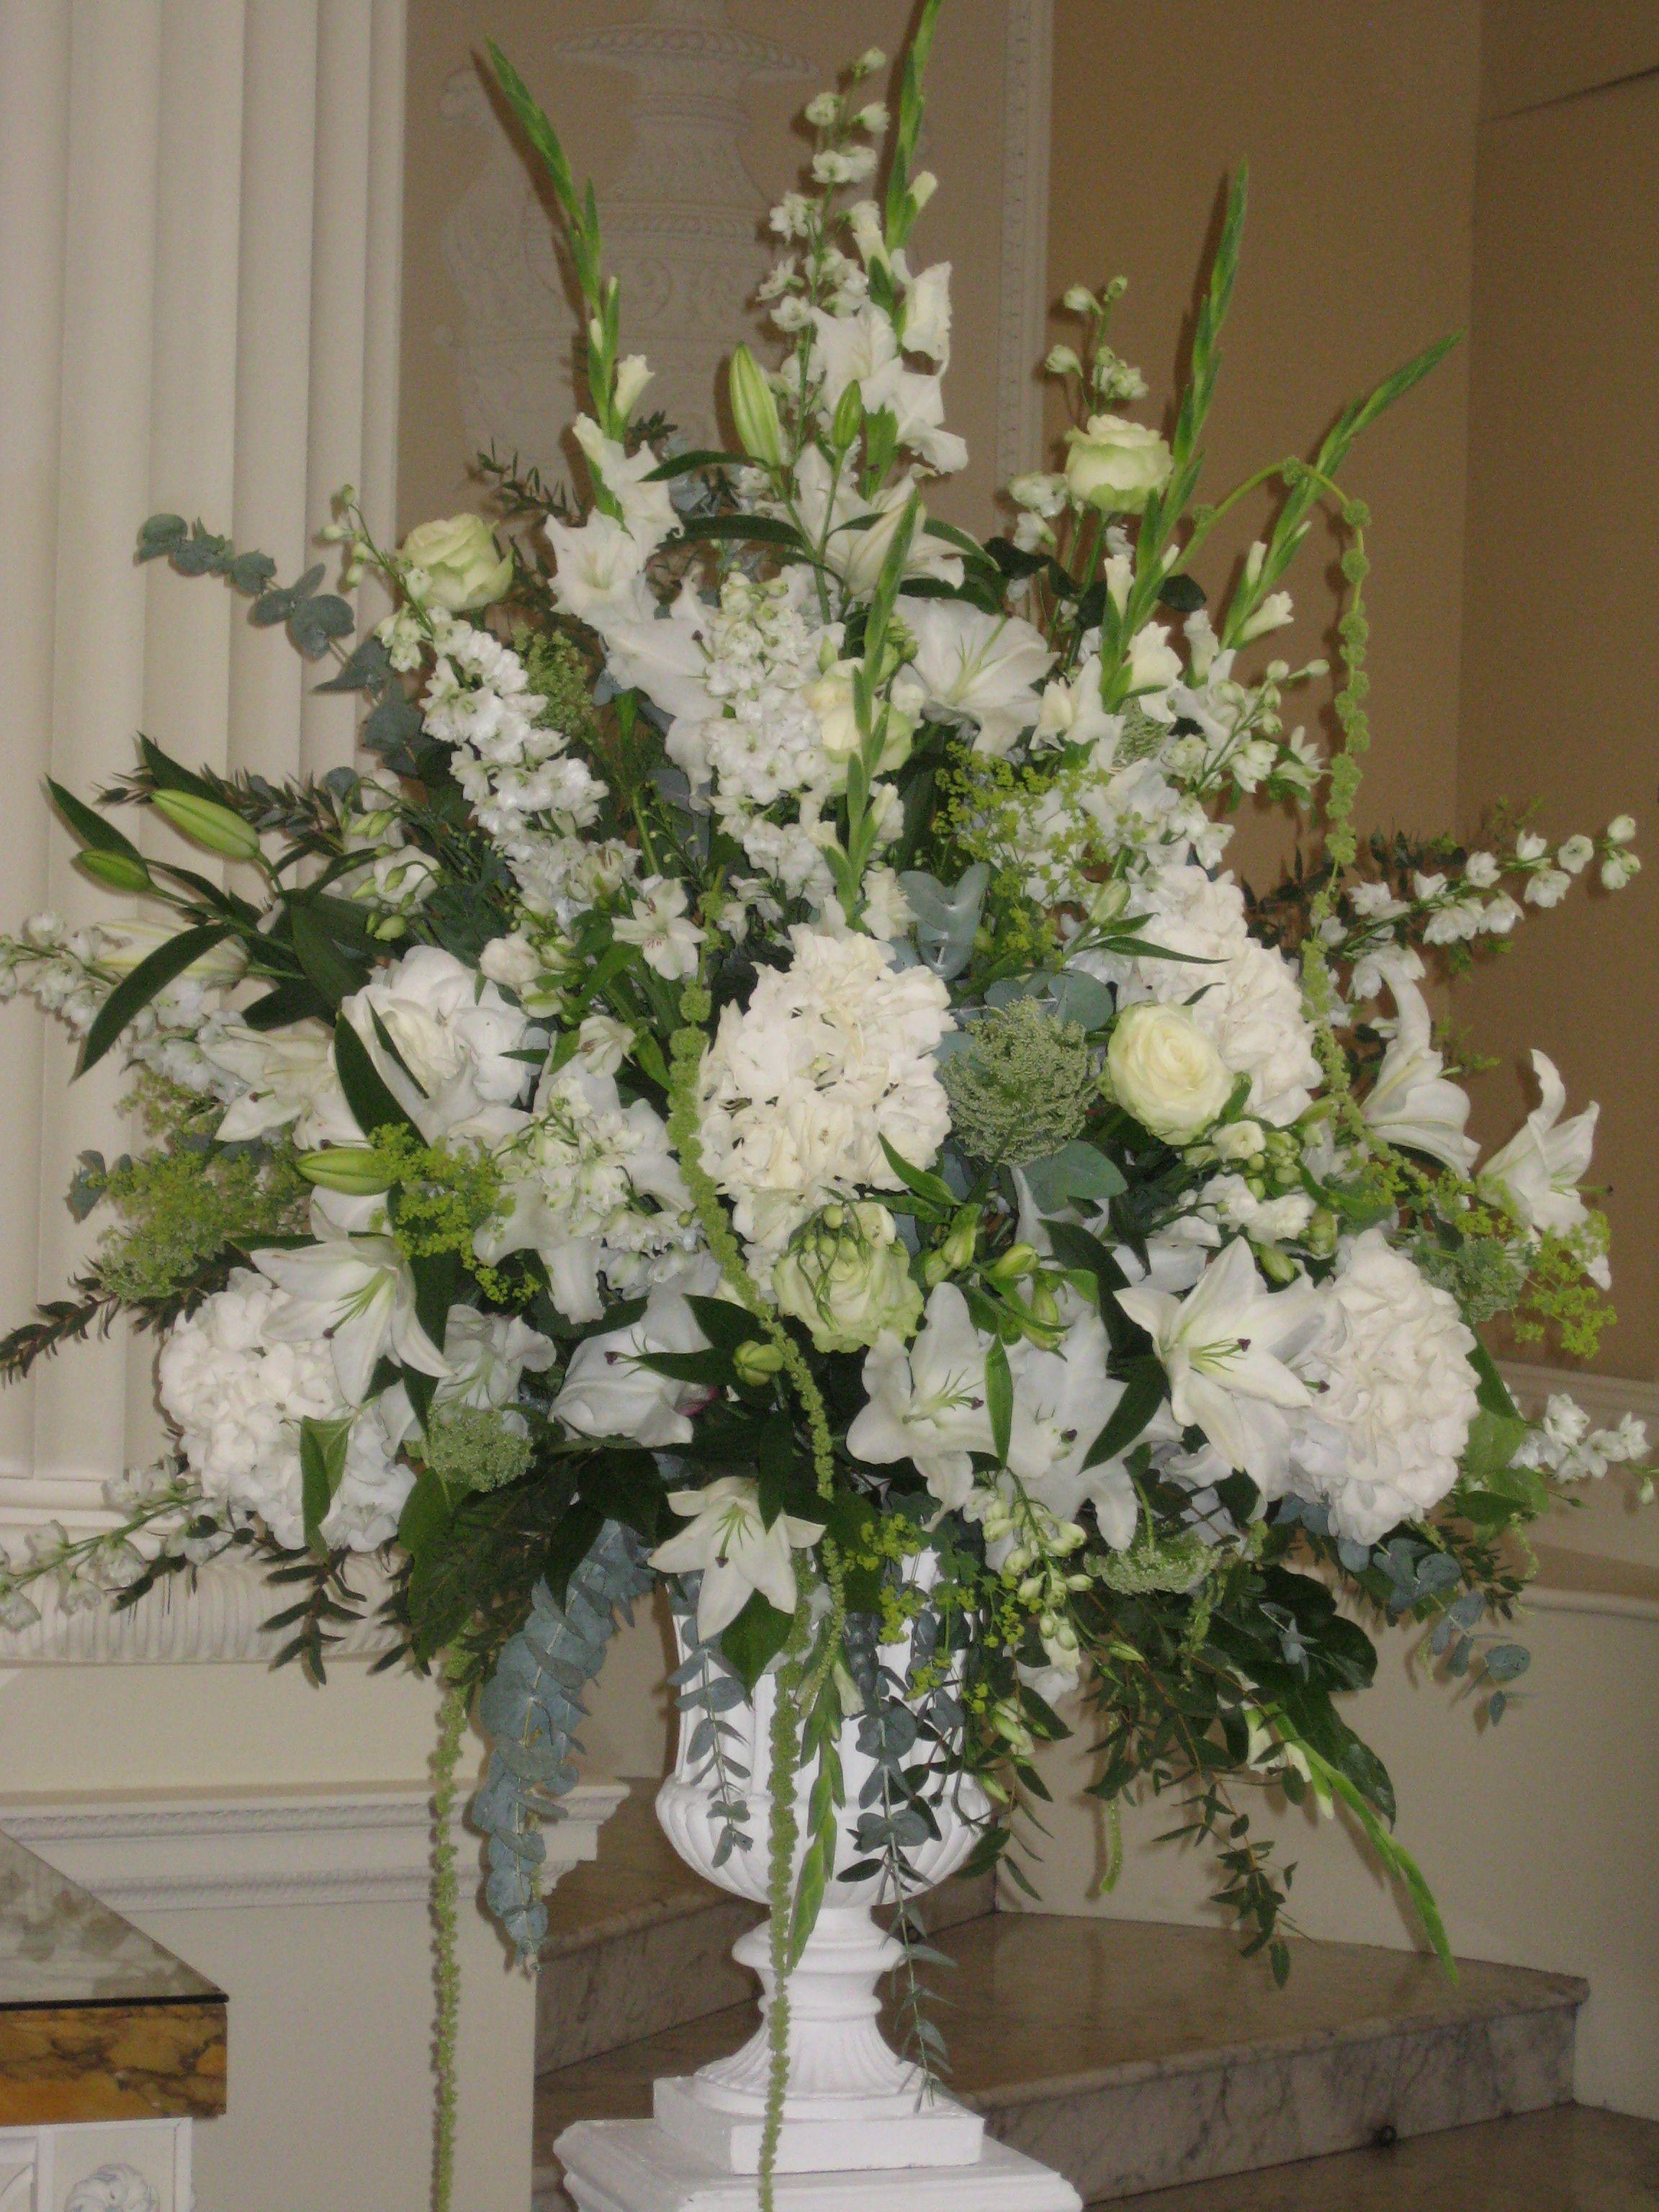 image result for church pedestal flower arrangements in 2019